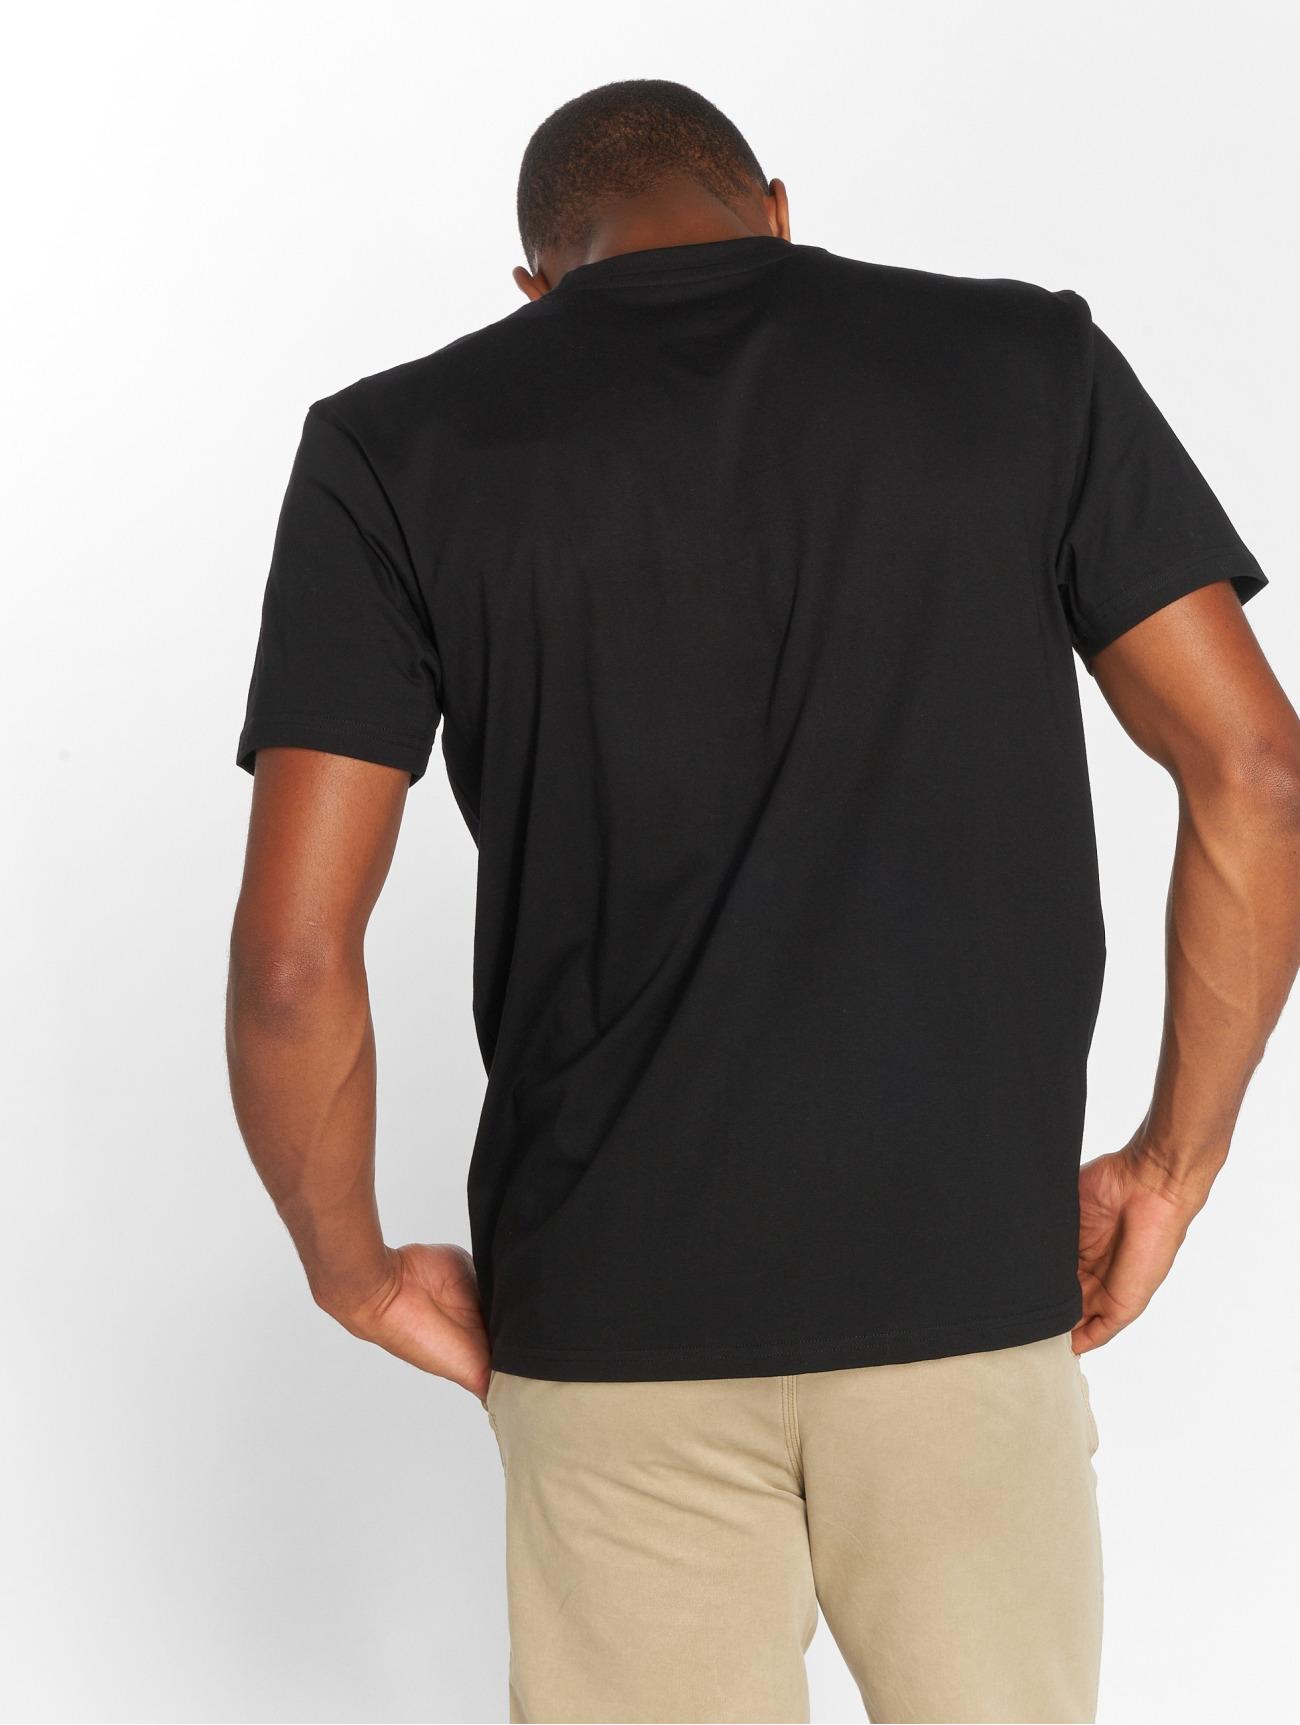 Staple Pigeon | Gothic  noir Homme T-Shirt  483532| Homme Hauts